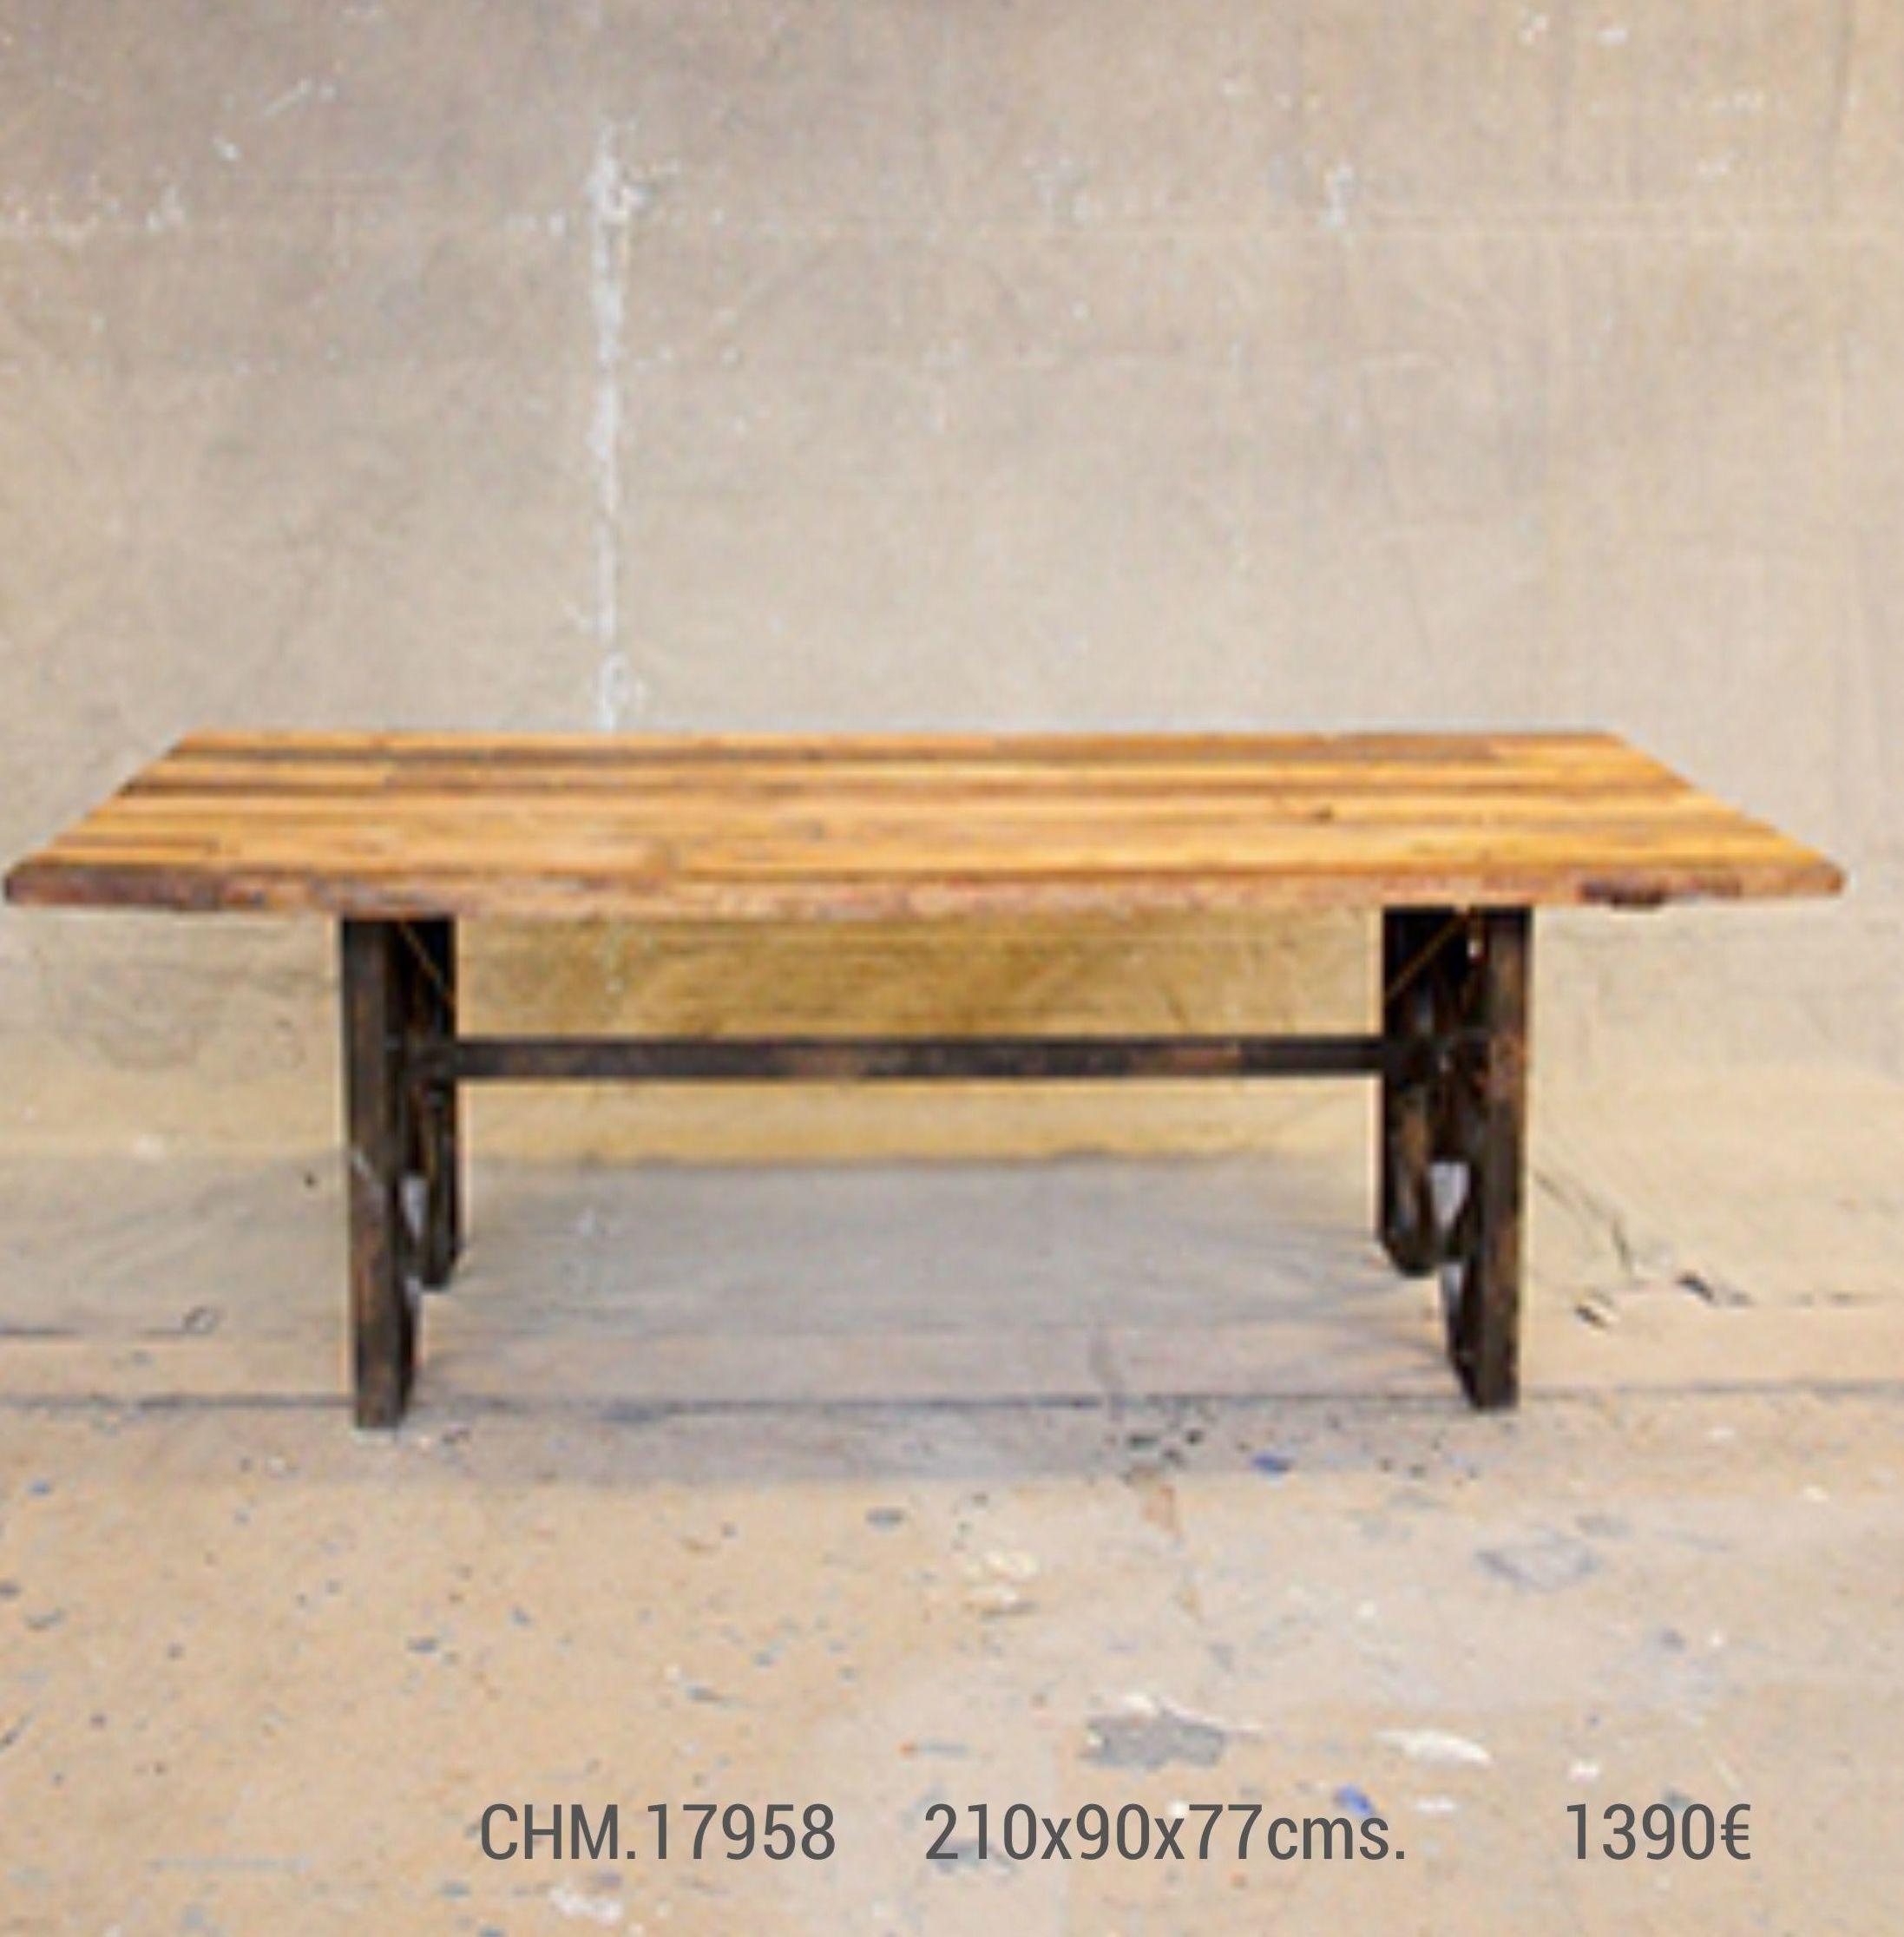 Mesa de comedor madera maciza y hierro industrial CHM-17958